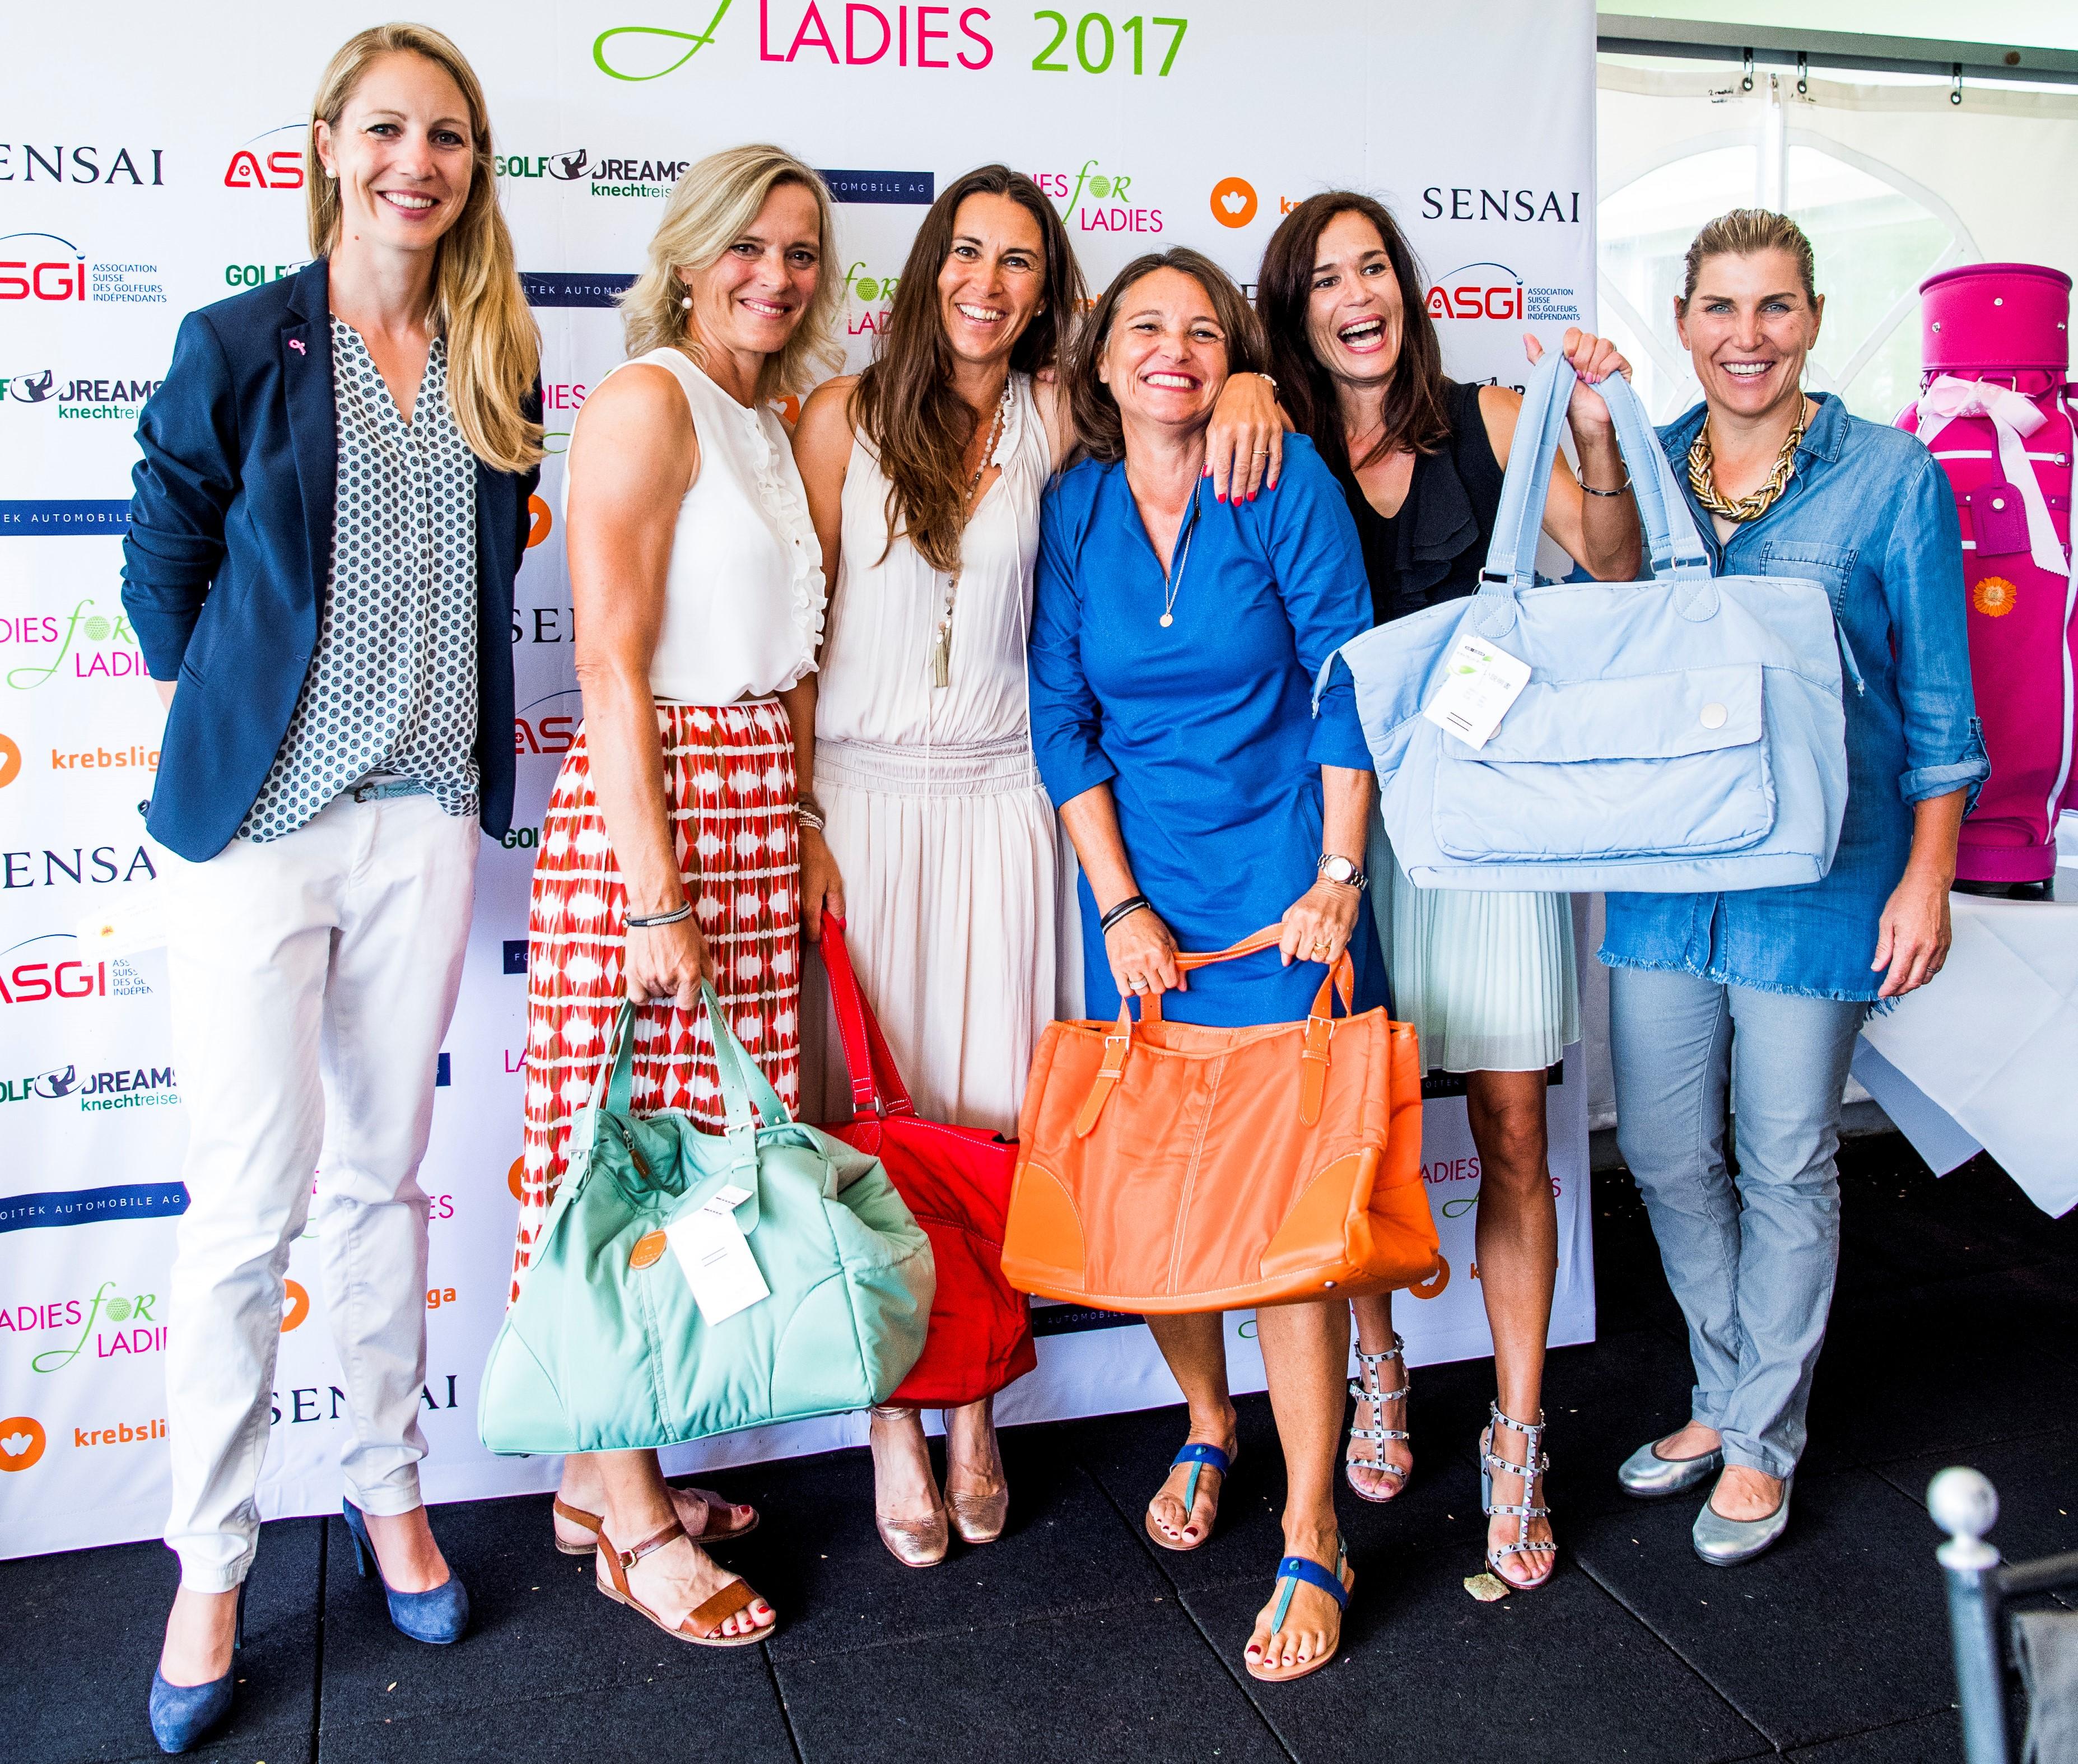 Golferisch eine Klasse für sich: Das Team um Nadja Schenk, Asa Kindler, Sybil Haller und Claudia Kernen siegte sowohl in der Brutto- wie auch in der Nettowertung. Fürs Siegerfoto wurden sie standesgemäss von der Berner Protte Florience Weiss-Lüscher (links) und der früheren Solheim-Cup-Gewinnerin Elisabeth Esterl (rechts) flankiert. Foto: LADIES for LADIES